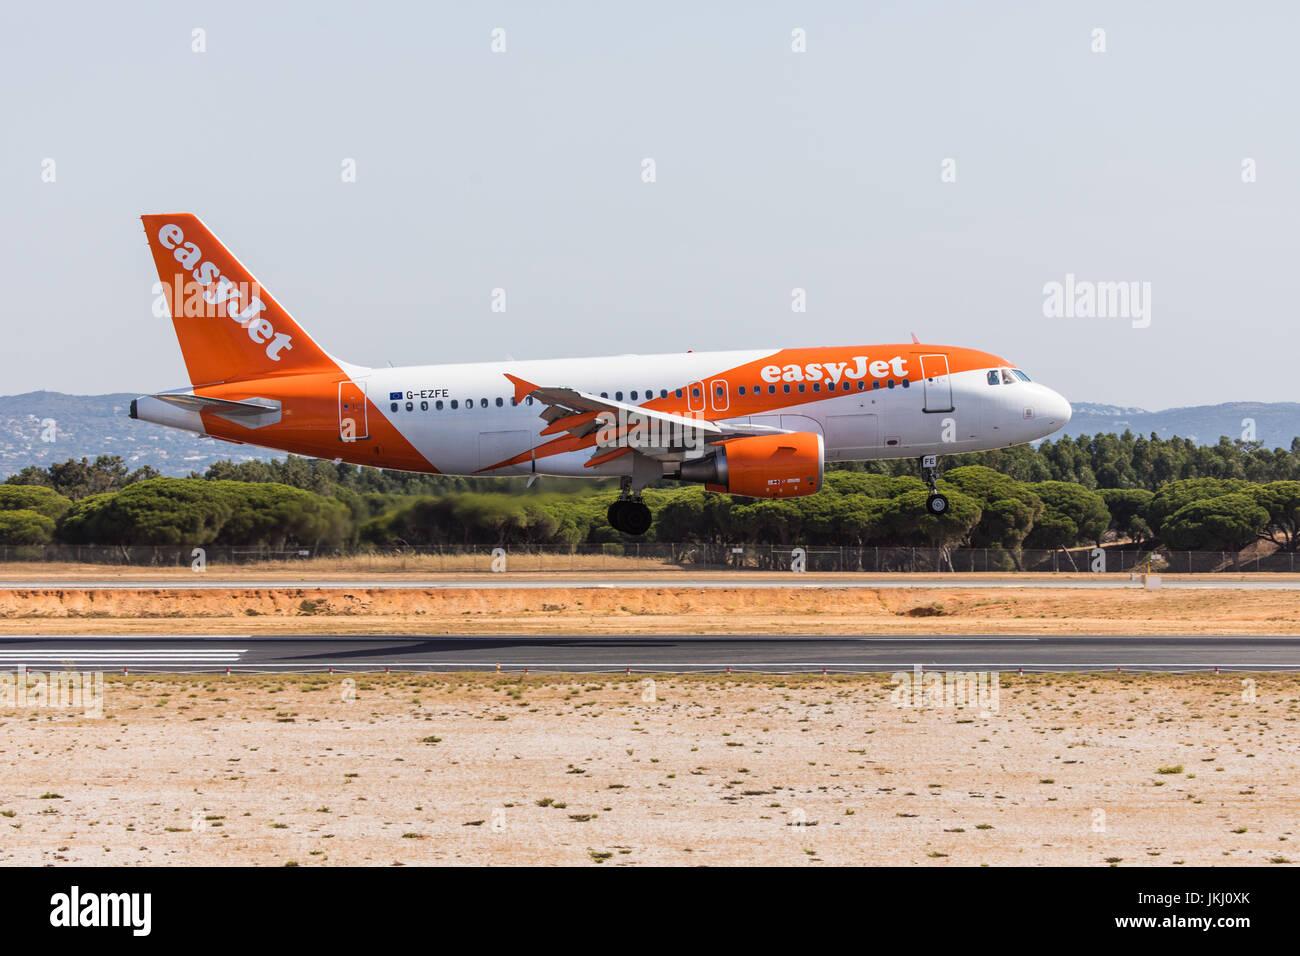 FARO, Portogallo - Juny 18, 2017 : i voli easyJet atterraggio aereo sull'Aeroporto Internazionale di Faro. Aeroporto Immagini Stock